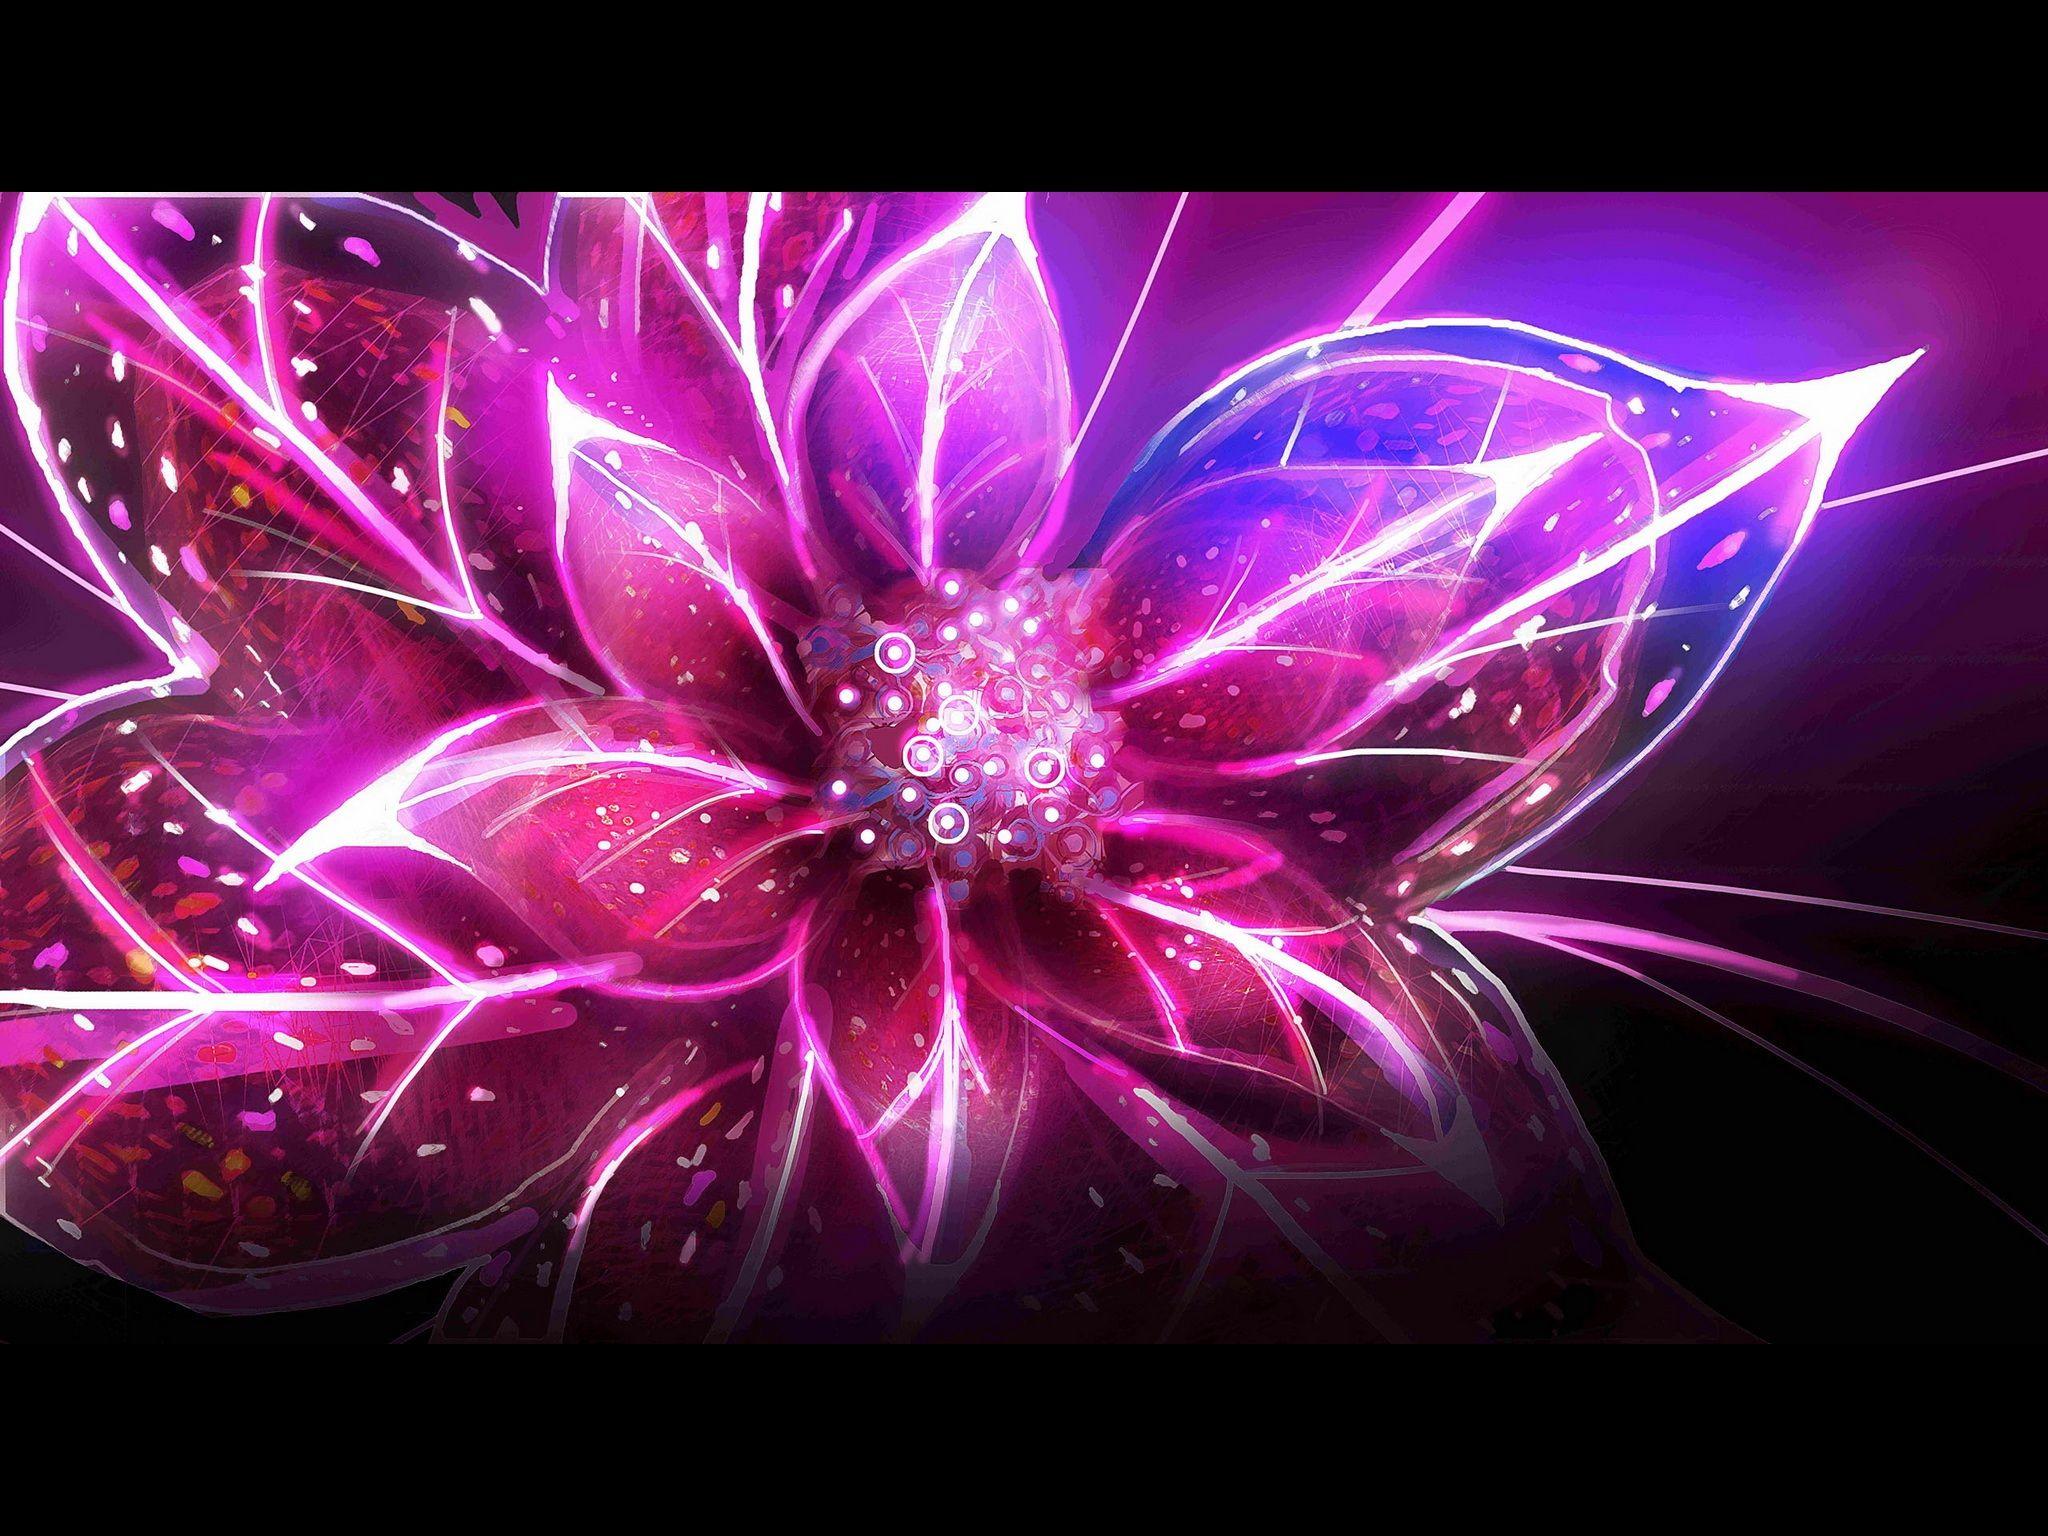 Pink Flower Free Child of Eden Wallpaper Gallery Best